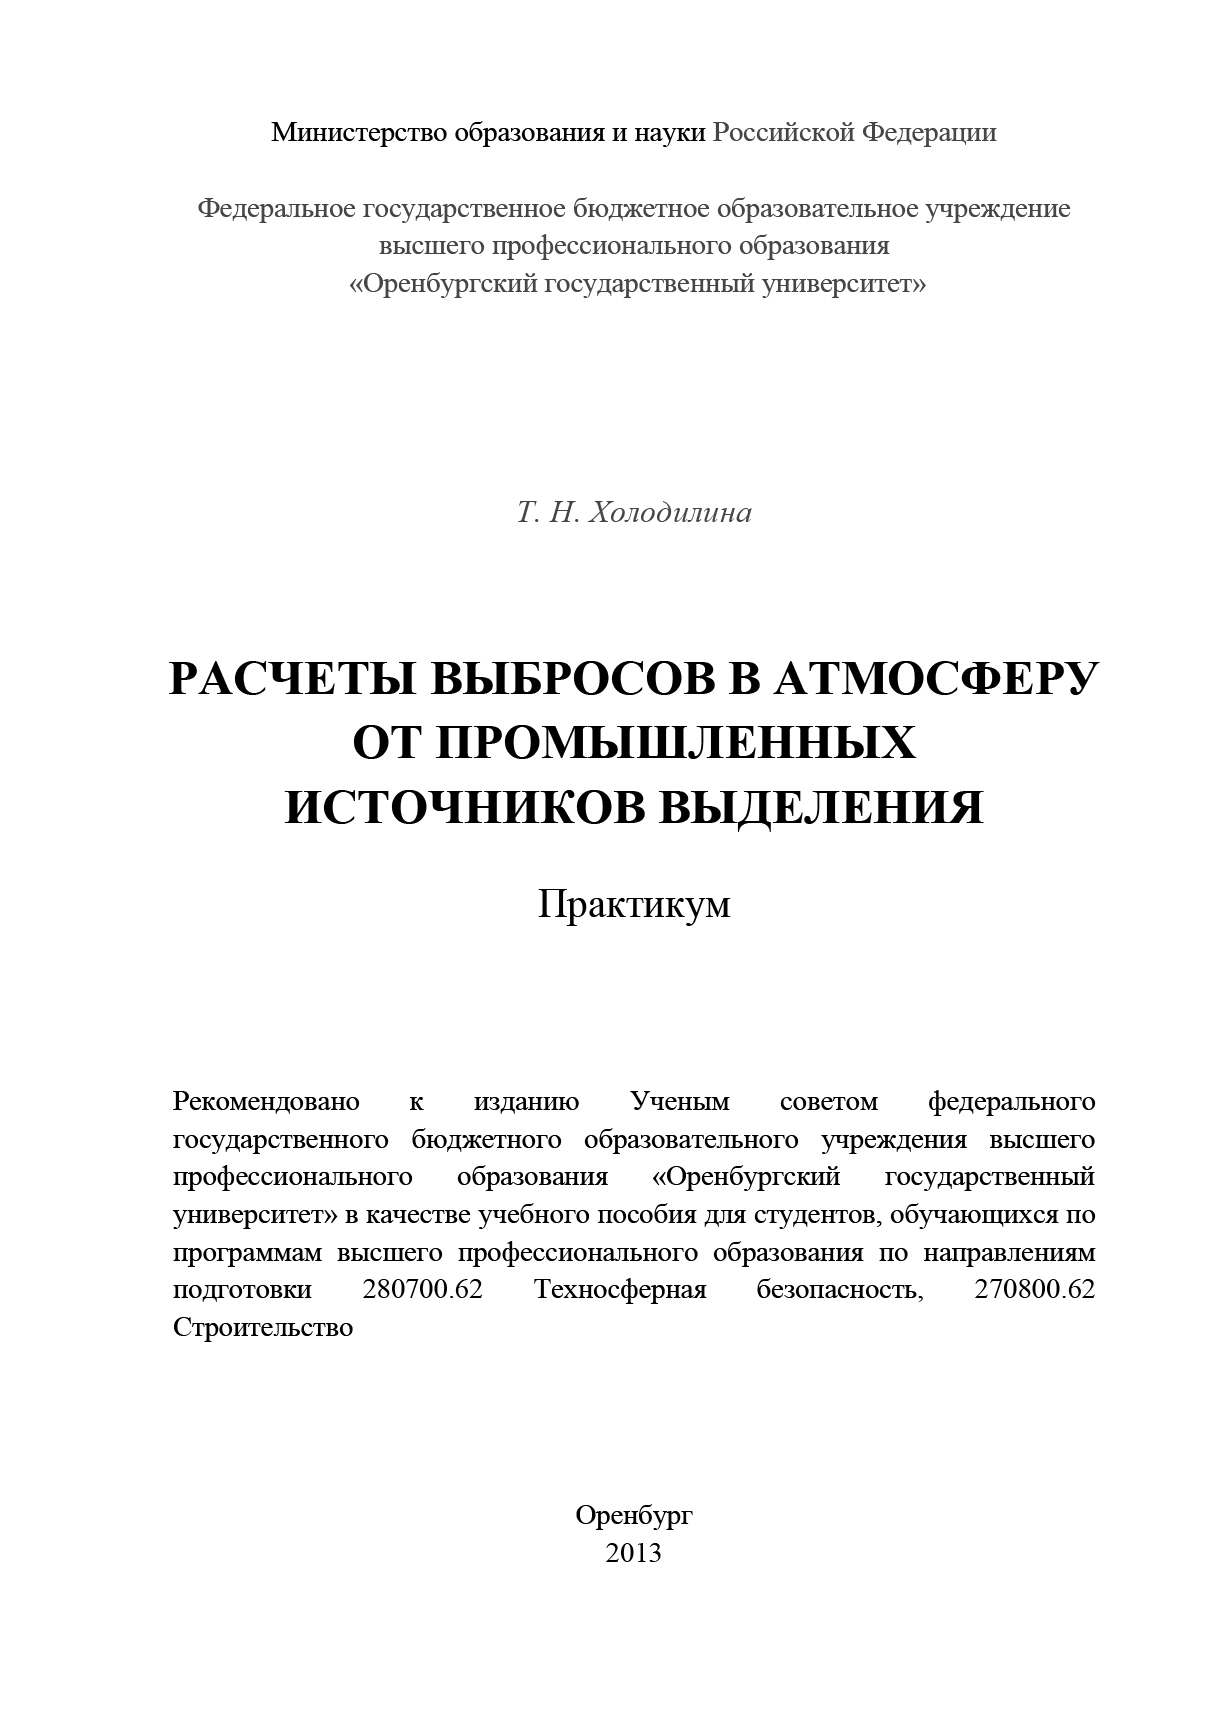 Т. Холодилина Расчеты выбросов в атмосферу от промышленных источников выделения